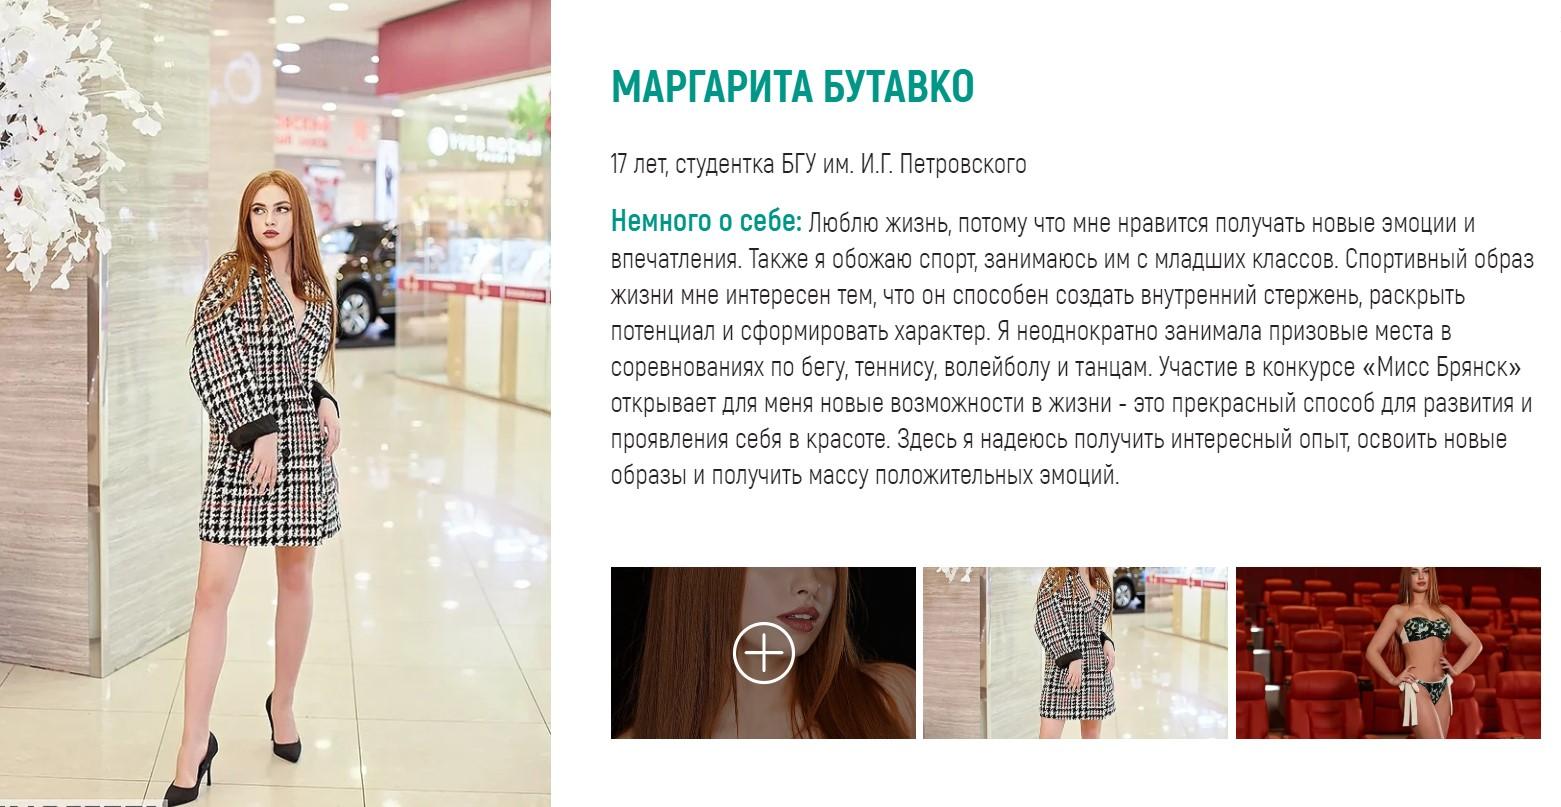 По итогам недели в онлайн-голосовании «Мисс Брянск-2020» вновь лидирует Маргарита Бутавко